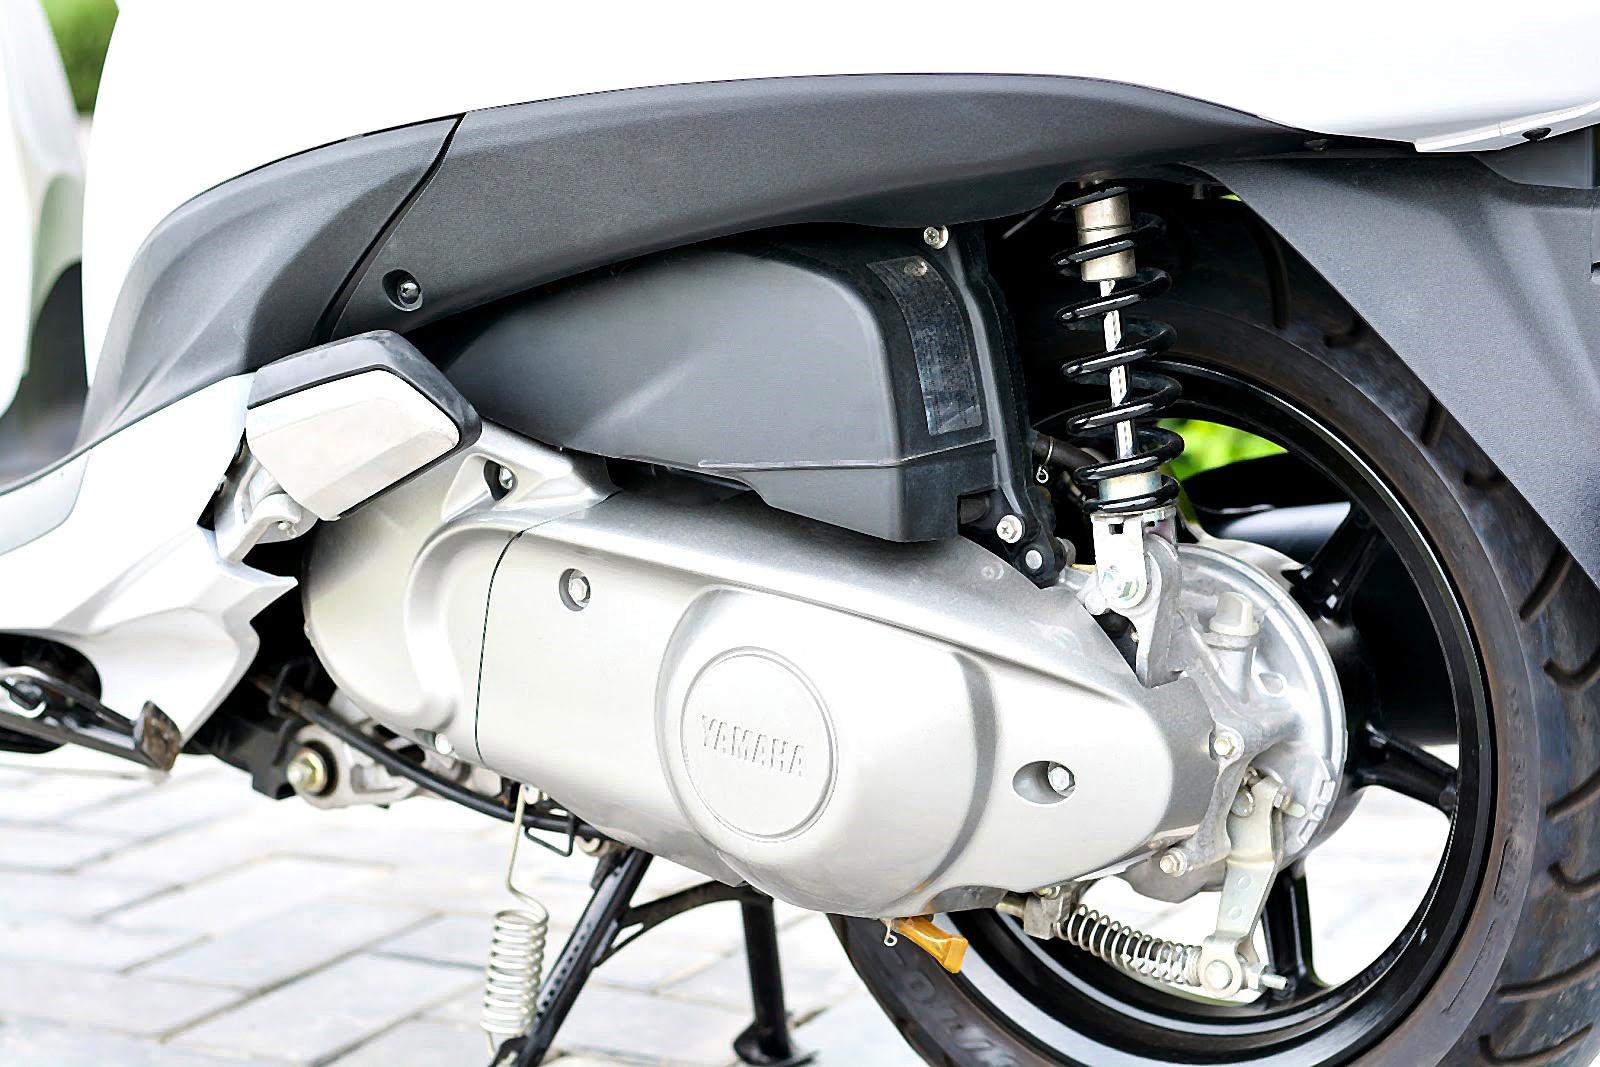 Gia lan banh tay ga 125 cc co phanh ABS anh 10